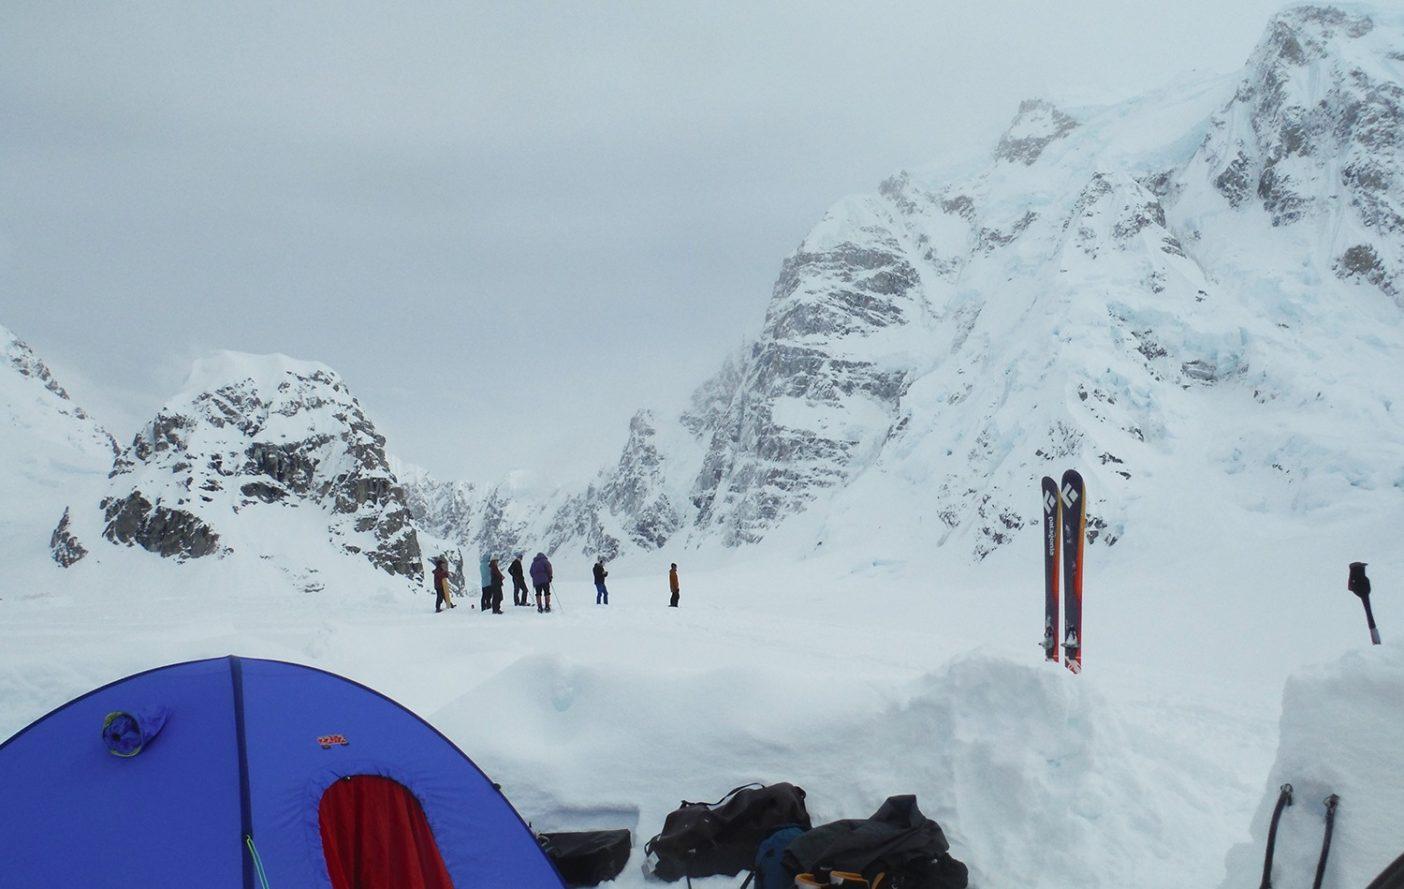 ベースキャンプより望むハンター北壁 写真:鈴木 啓紀